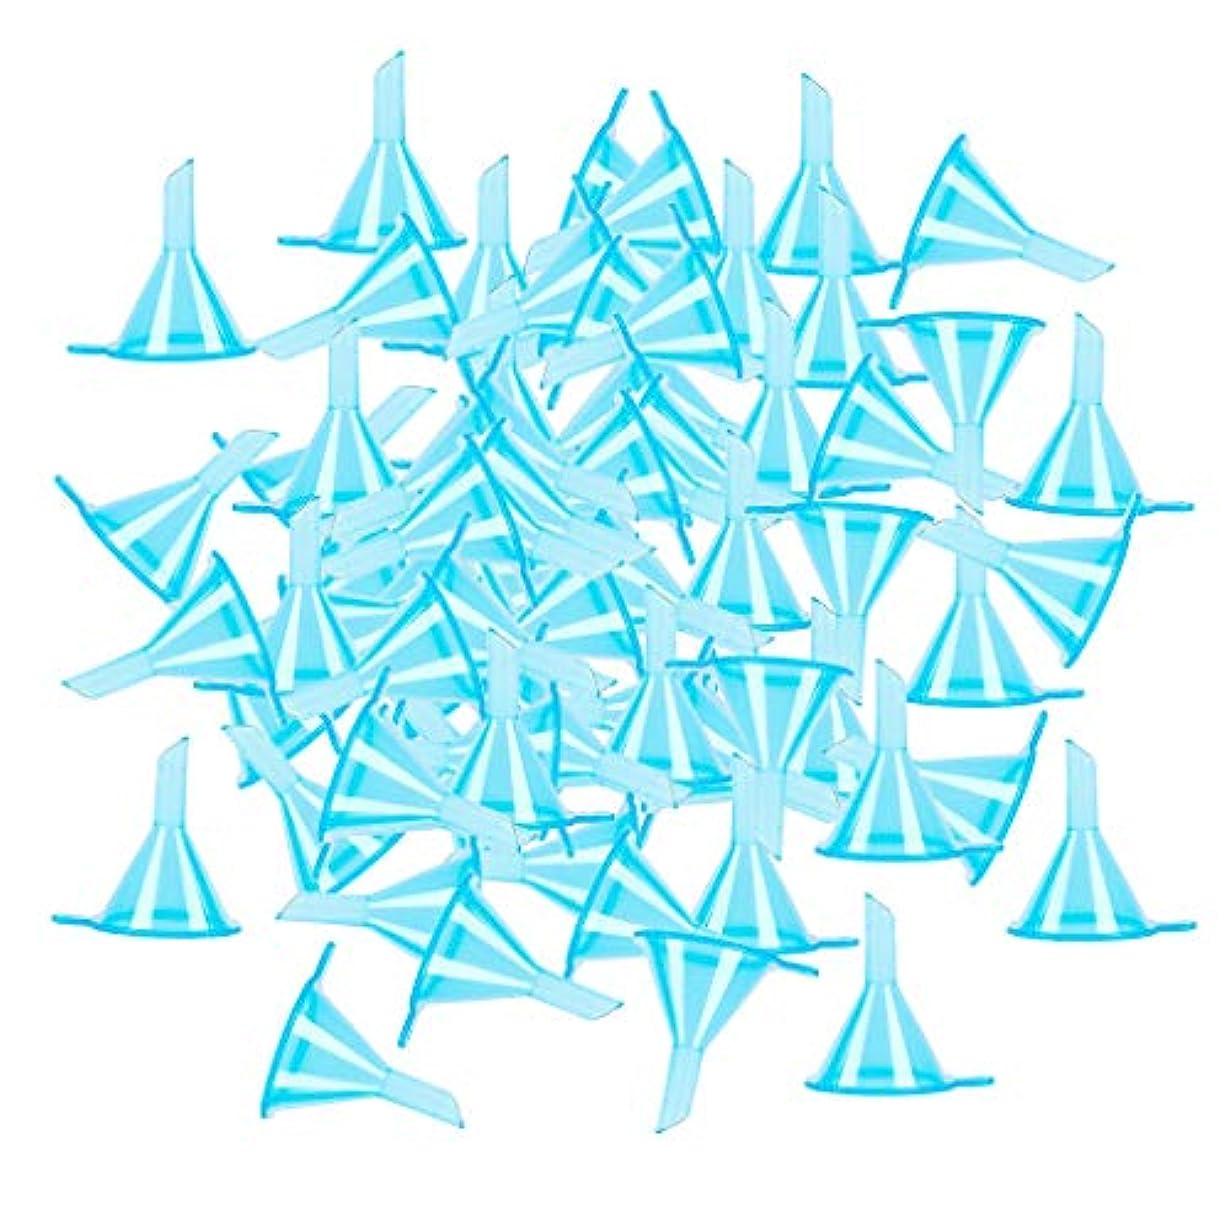 最初に公はっきりと100個セット 液体 香水用 小分けツール ミニ ファンネル エッセンシャルオイル 全3色 - ブルー